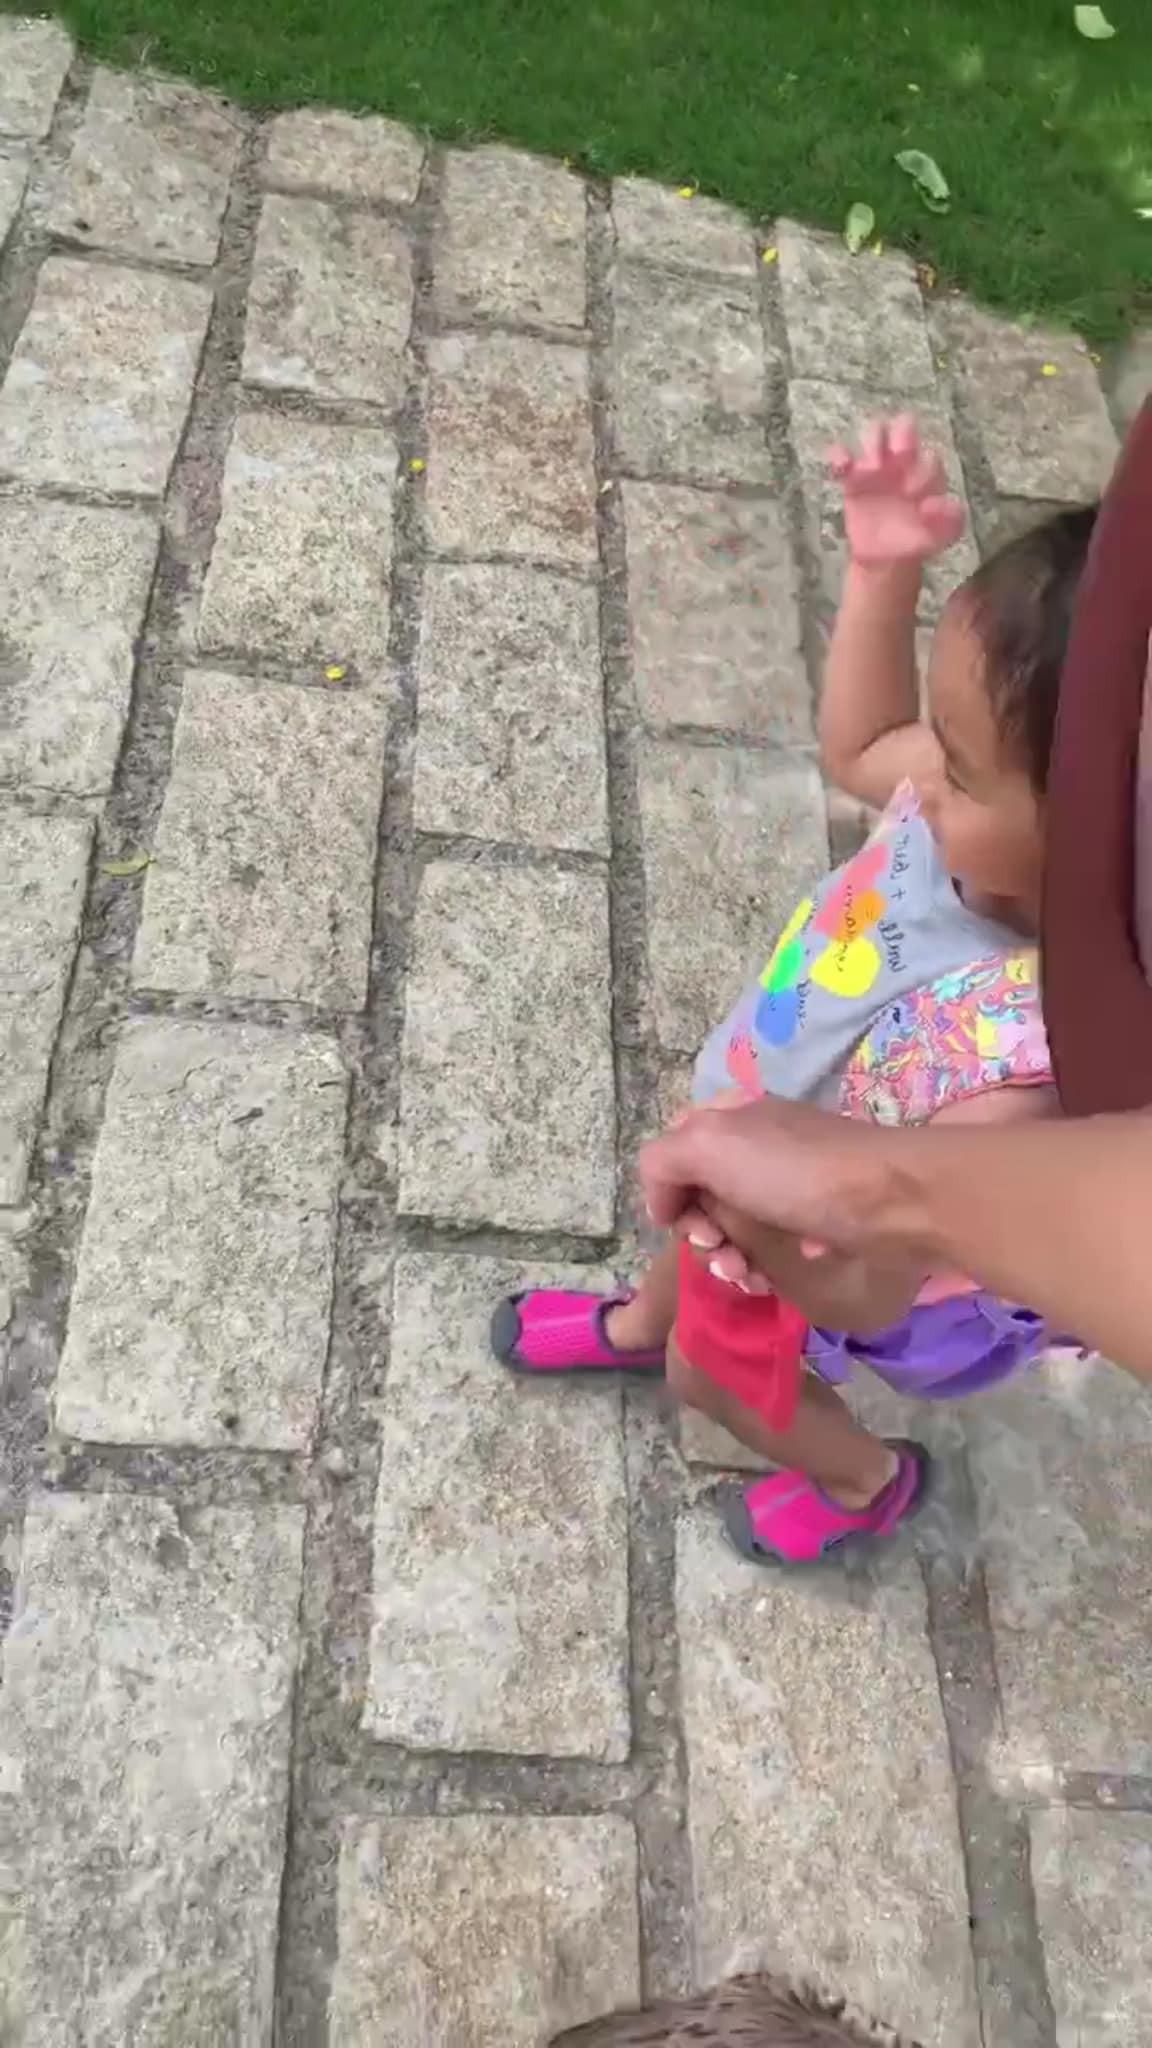 Tăng Thanh Hà dắt con gái đi học, vô tình làm lộ mặt gương mặt cô bé vì sự cố bất ngờ-2